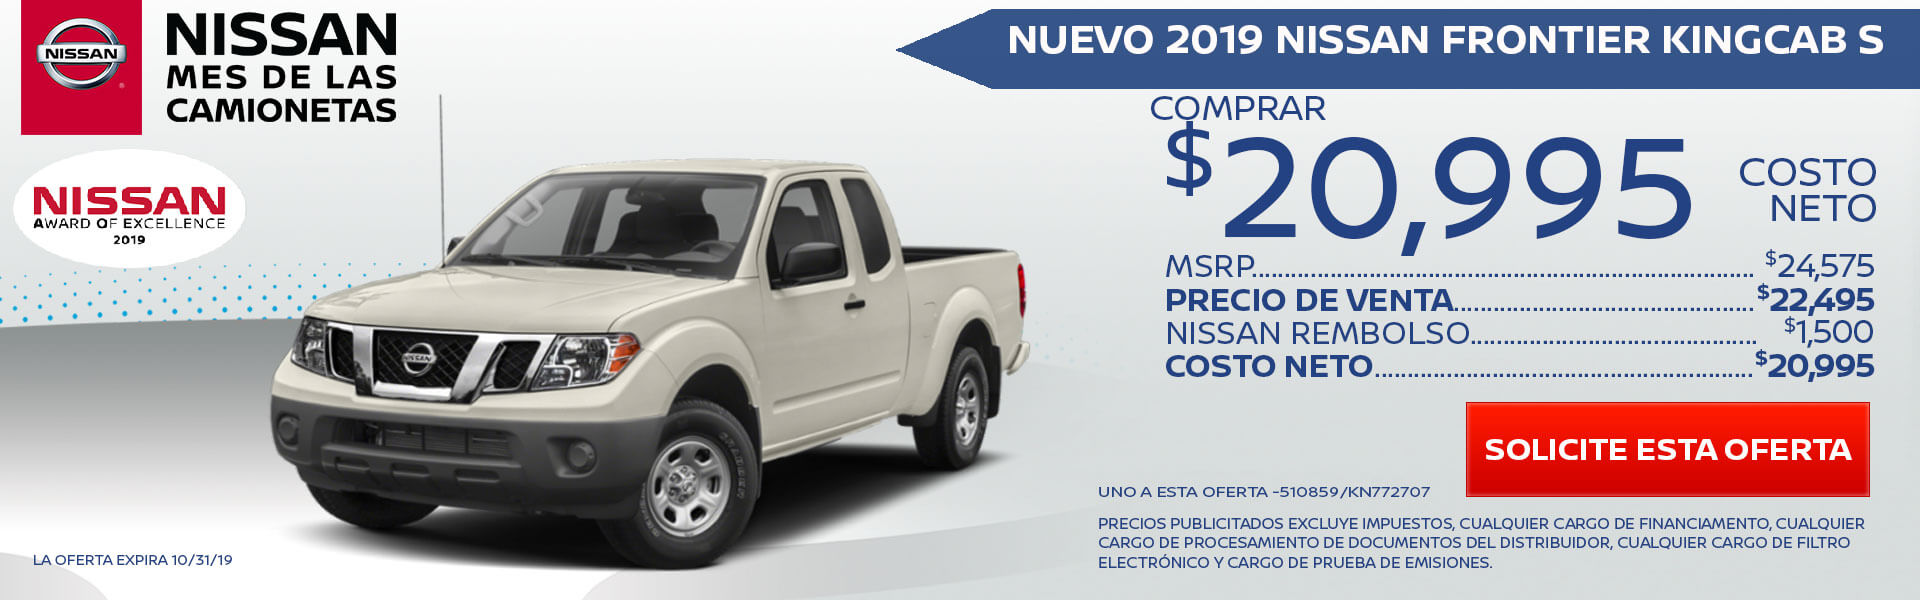 Mire estas nuevas ofertas especiales de alquiler y financiamiento para el flamante NissanFrontier. ¡Pida más información a nuestro concesionario de El Monte!